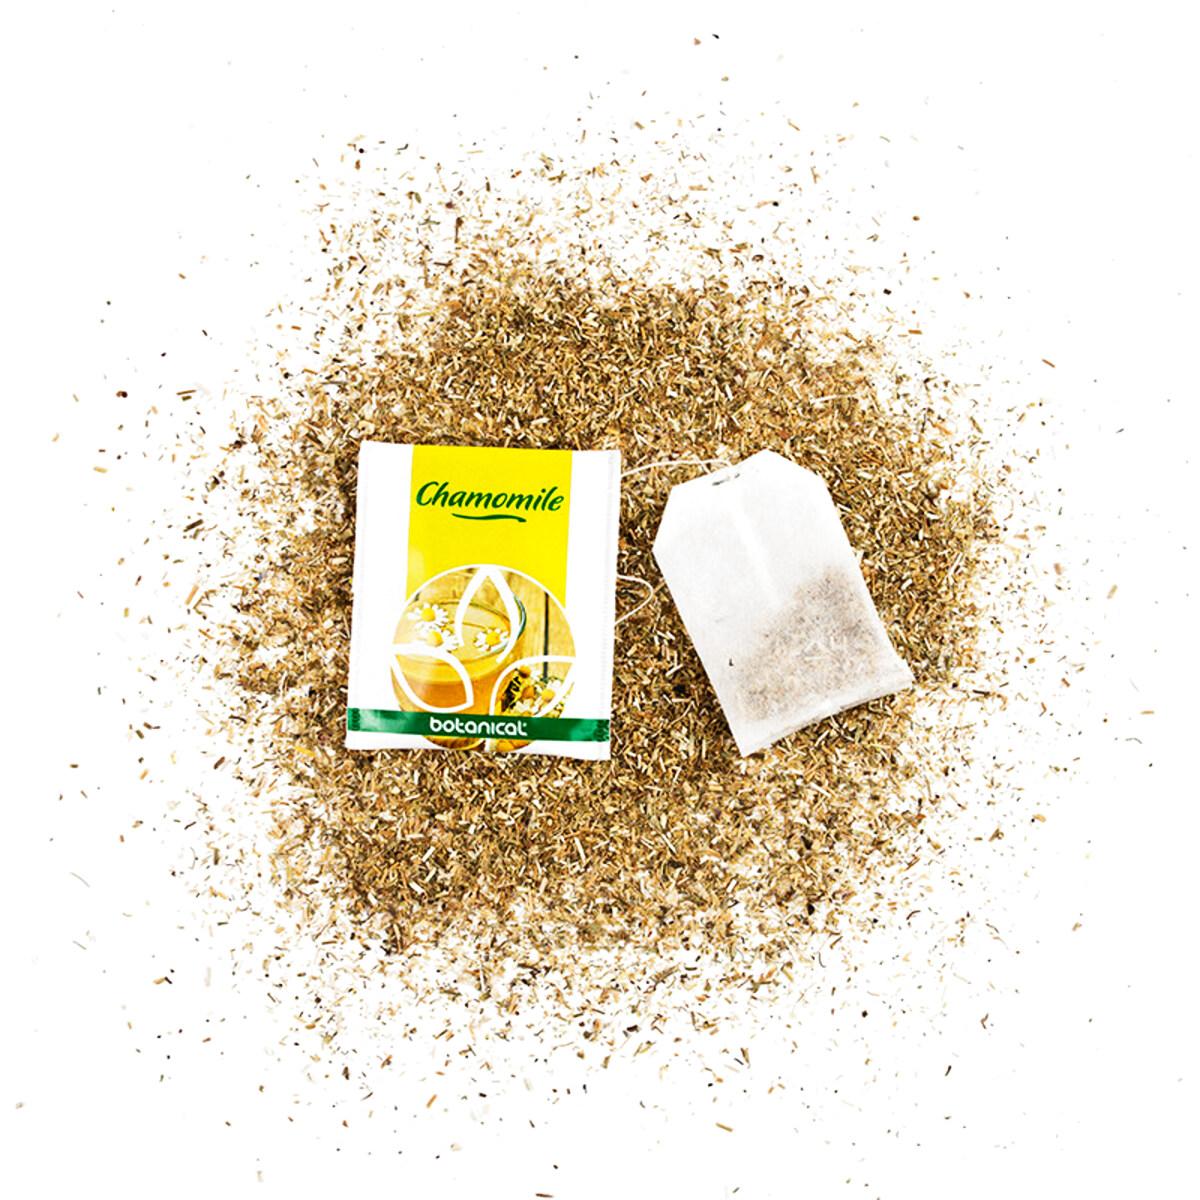 Seria Catering Botanical ceai de mușețel,- 100 buc. de plicuri